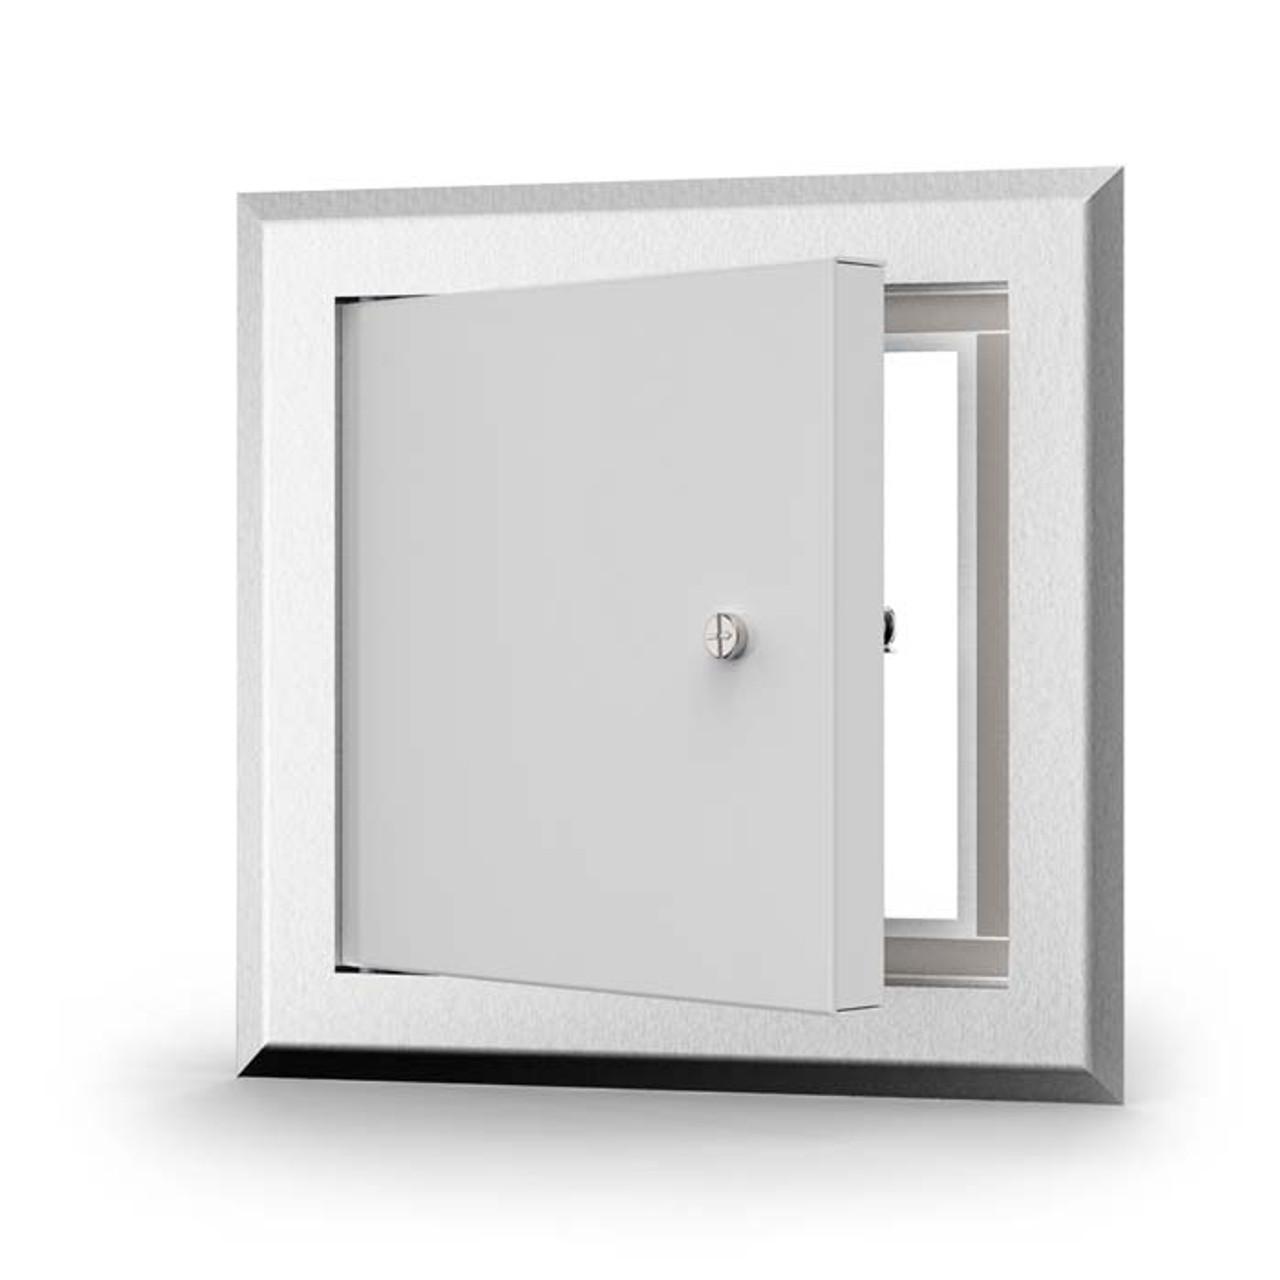 Acudor LT-4000 Aluminum Access Door 12 x 12